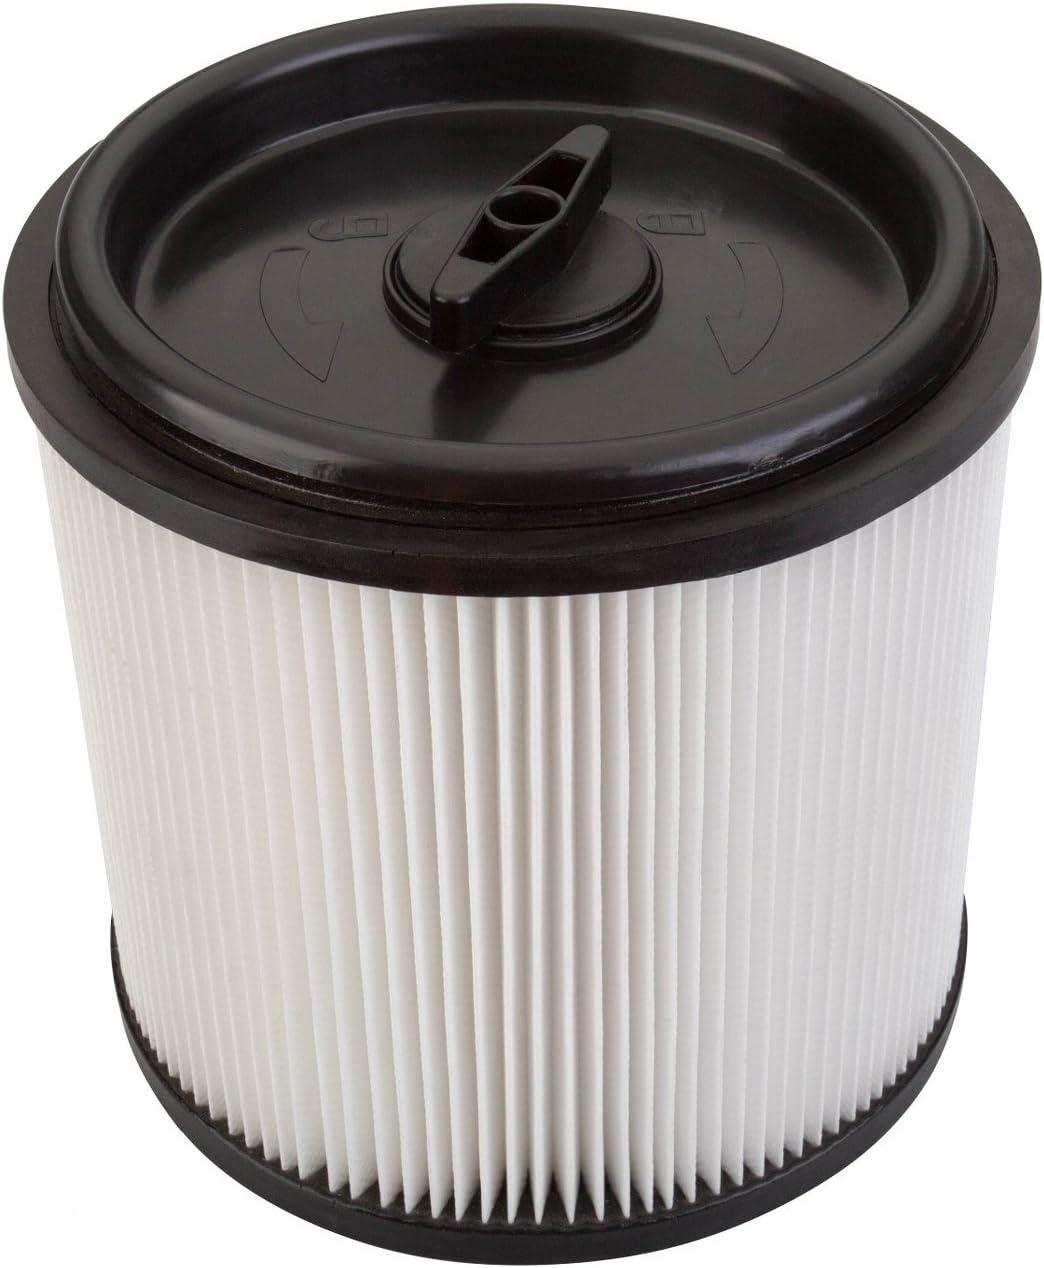 Qualtex – Bolsas para húmedo y seco filtro de cartucho para Wickes & Lidl Parkside aspiradoras comerciales: Amazon.es: Hogar